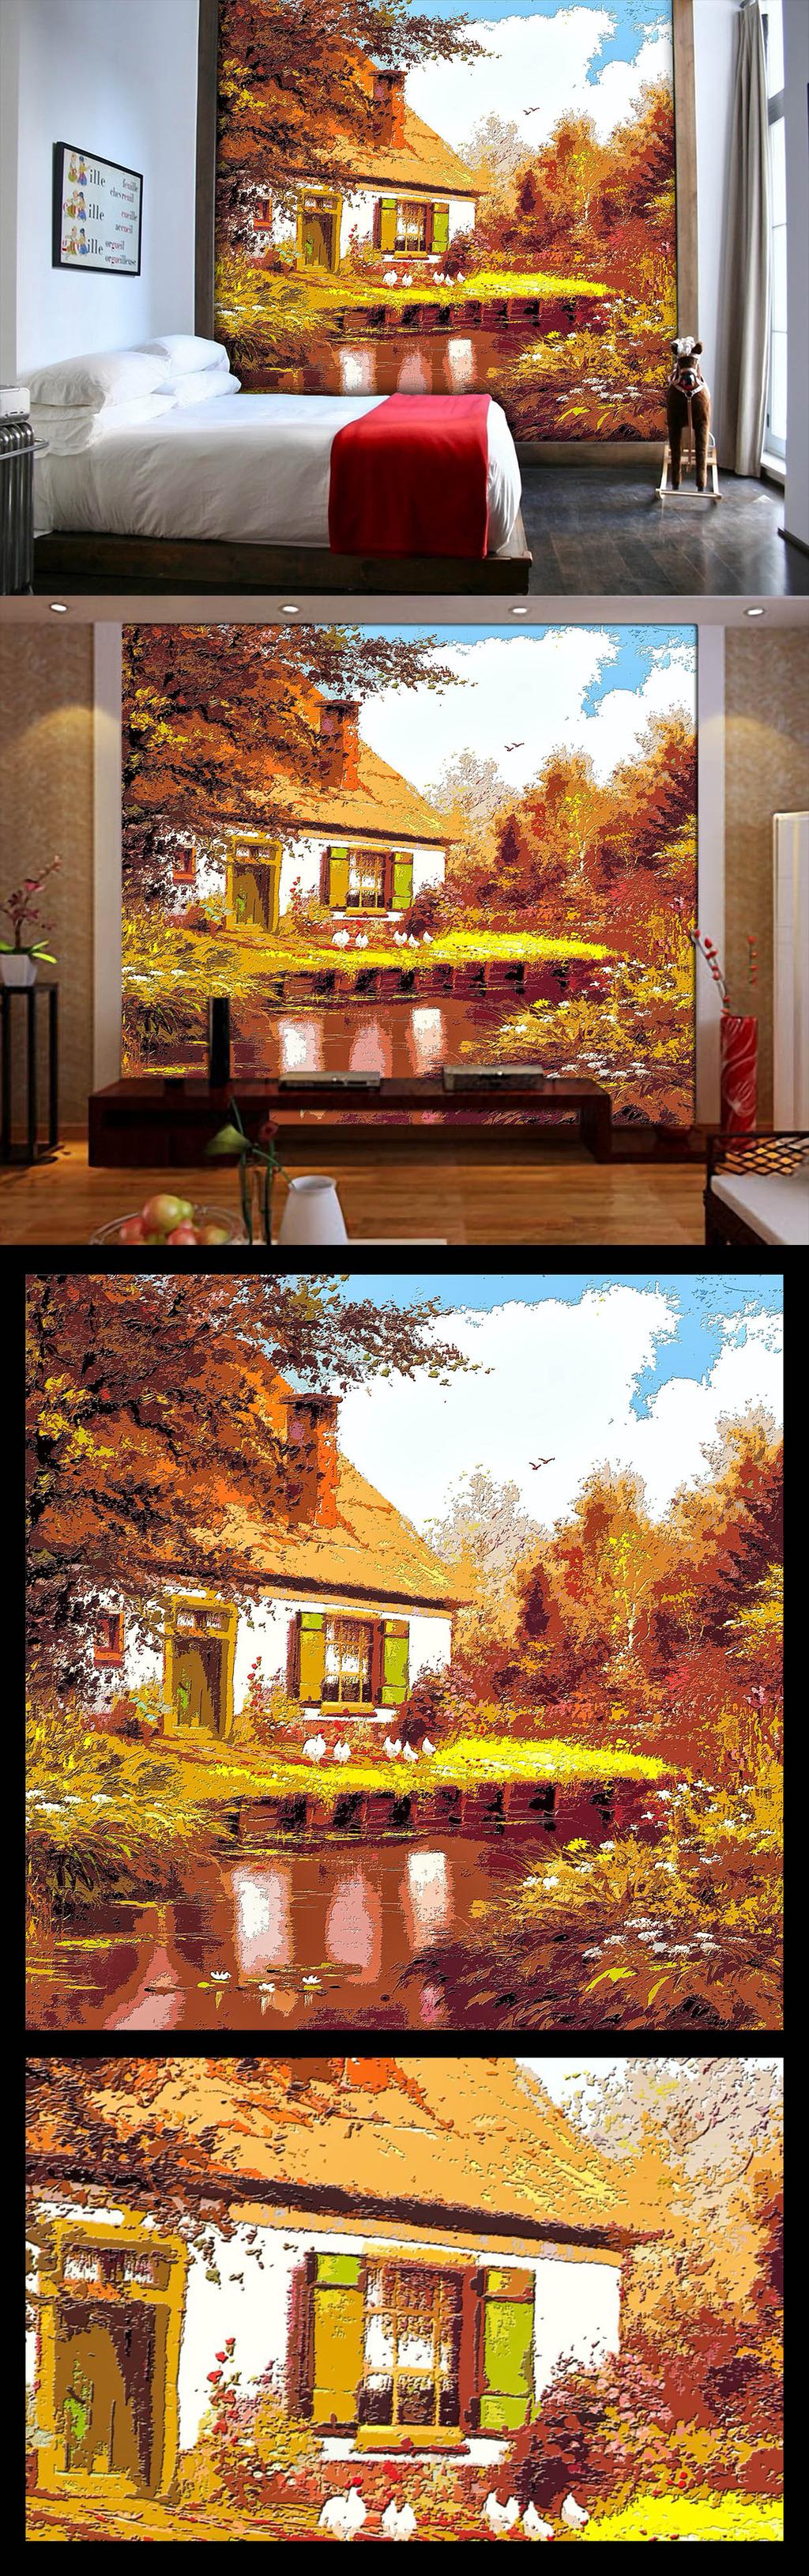 木雕木刻油画风景电视背景墙